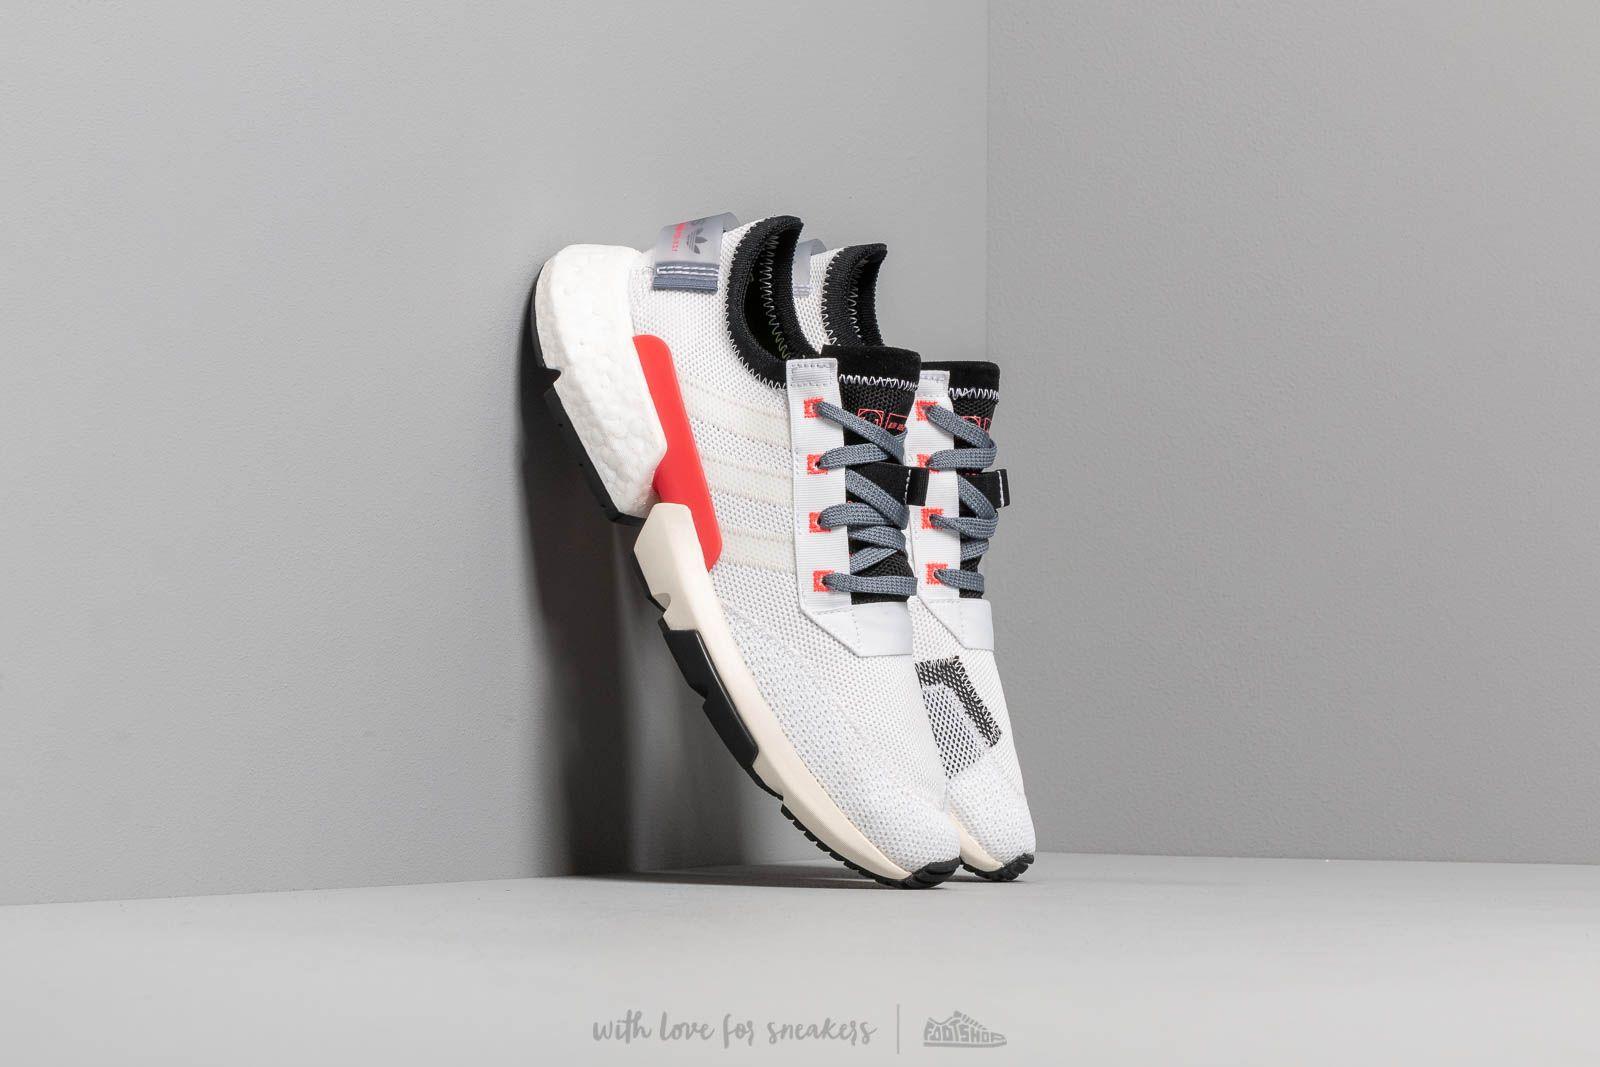 adidas POD-S3.1 Ftw White/ Ftw White/ Core Black za skvelú cenu 92 € kúpite na Footshop.sk